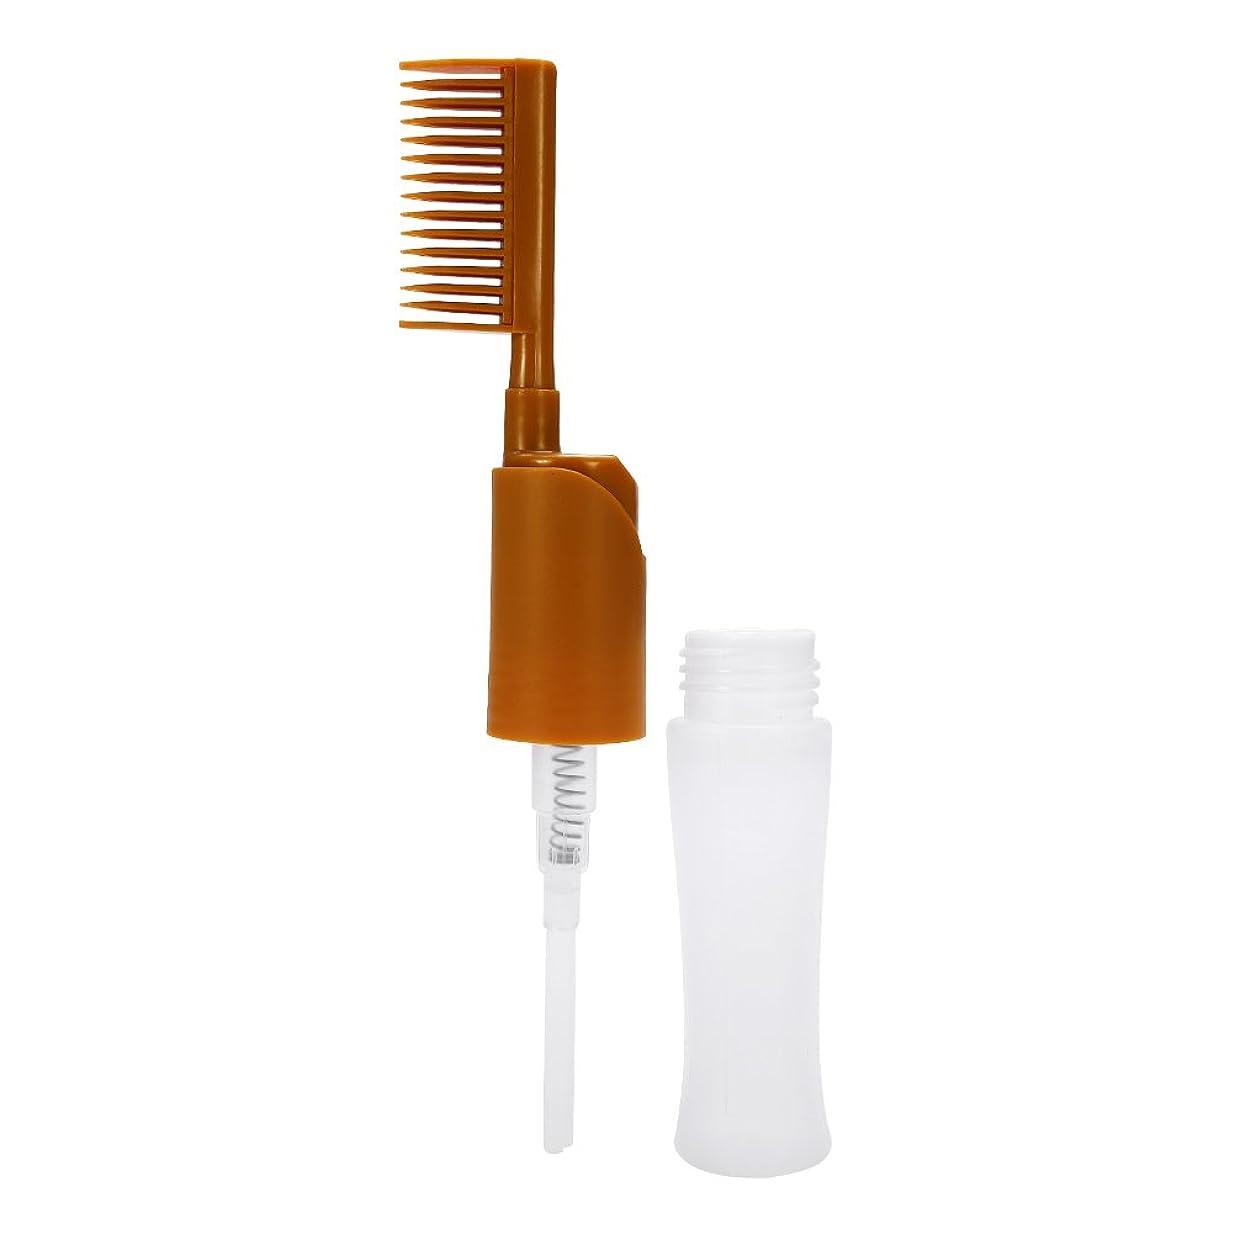 ダニピジンカラス染まるびん、大広間の櫛のアプリケーターの黄色を染める毛の染料のびんの櫛